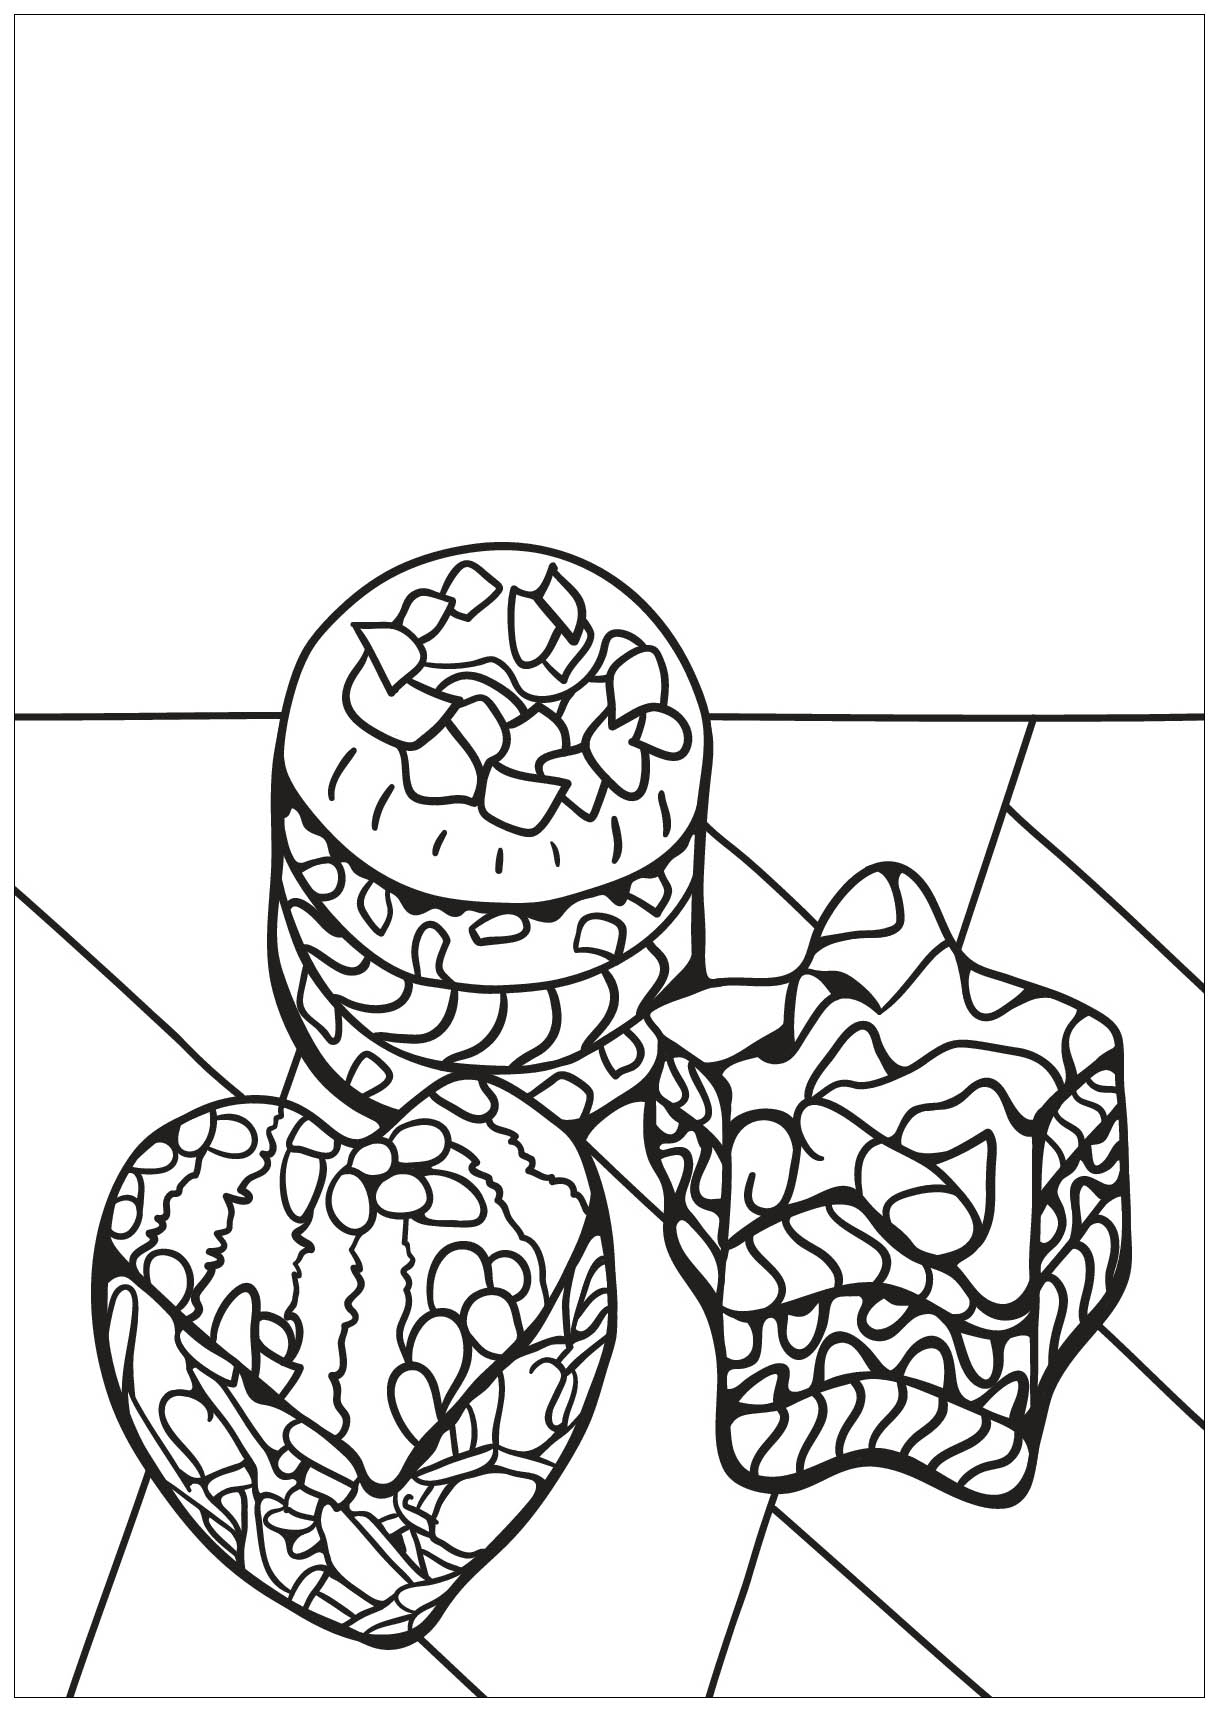 Nouveau Telecharger Livre Coloriage Gratuit Pdf | Imprimer avec Site De Coloriage À Imprimer